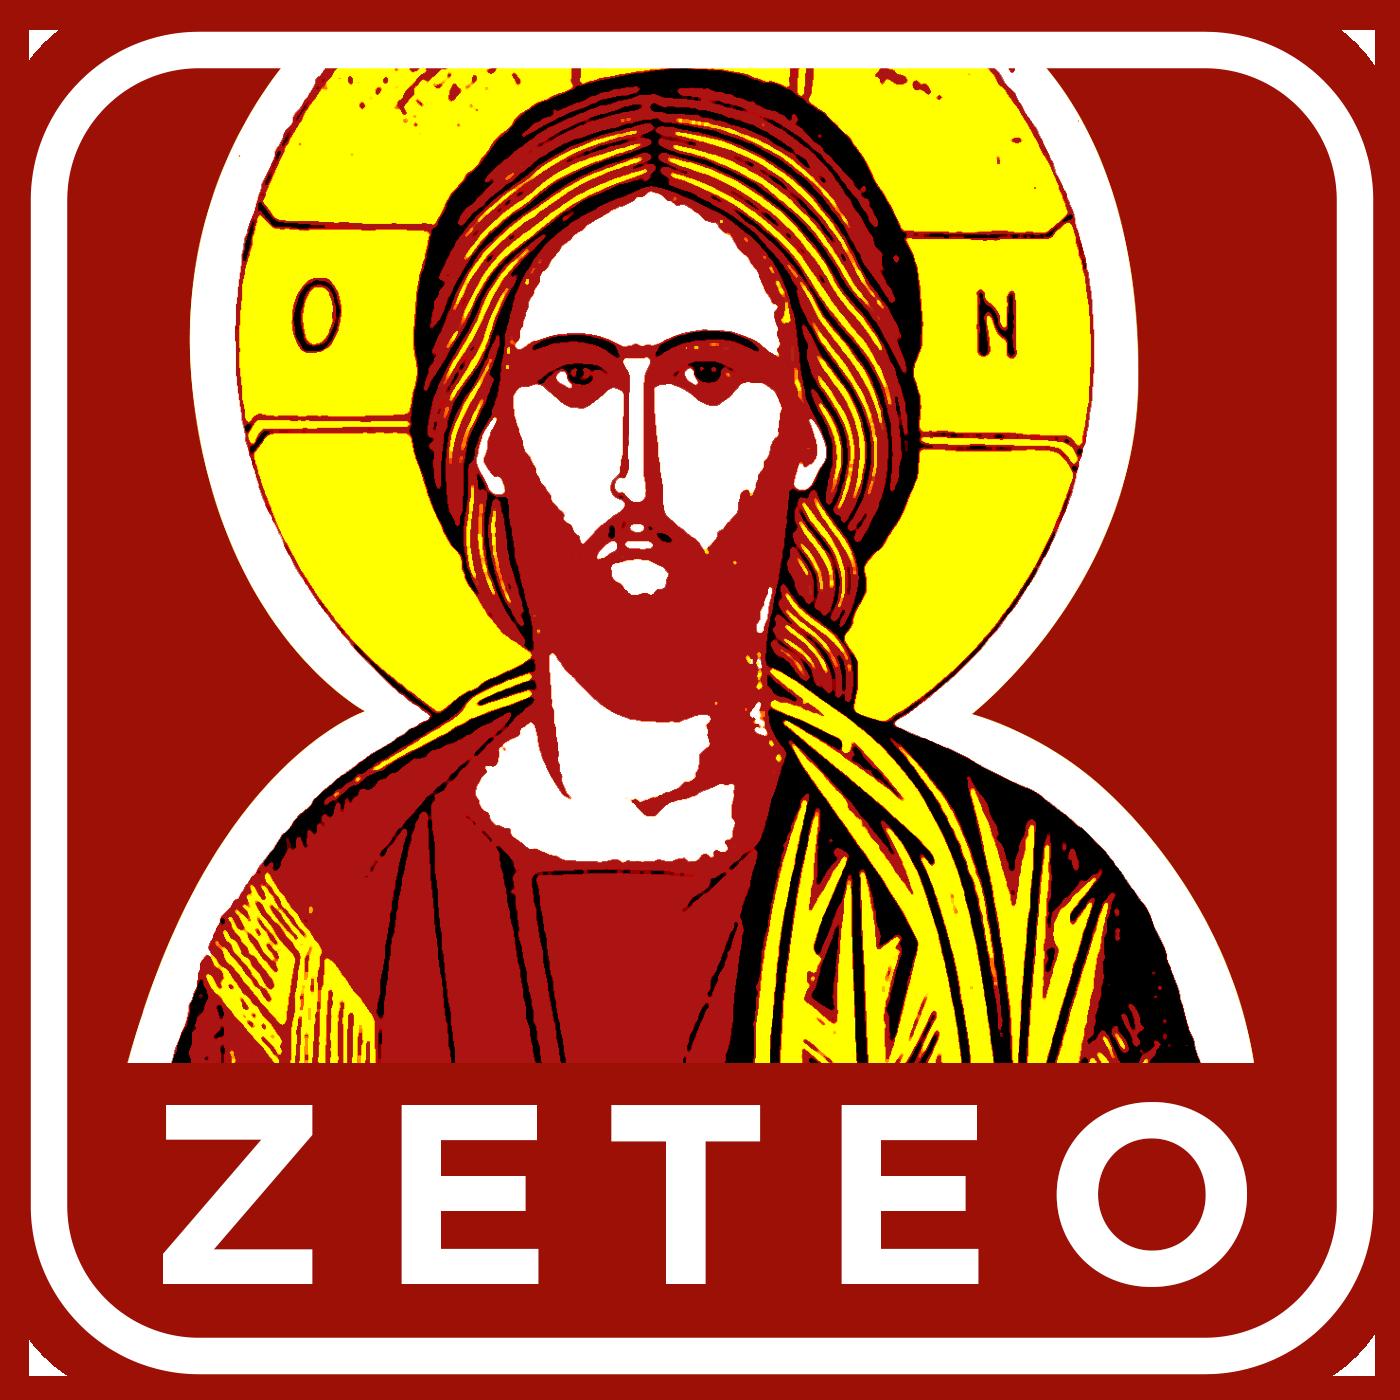 Zeteo